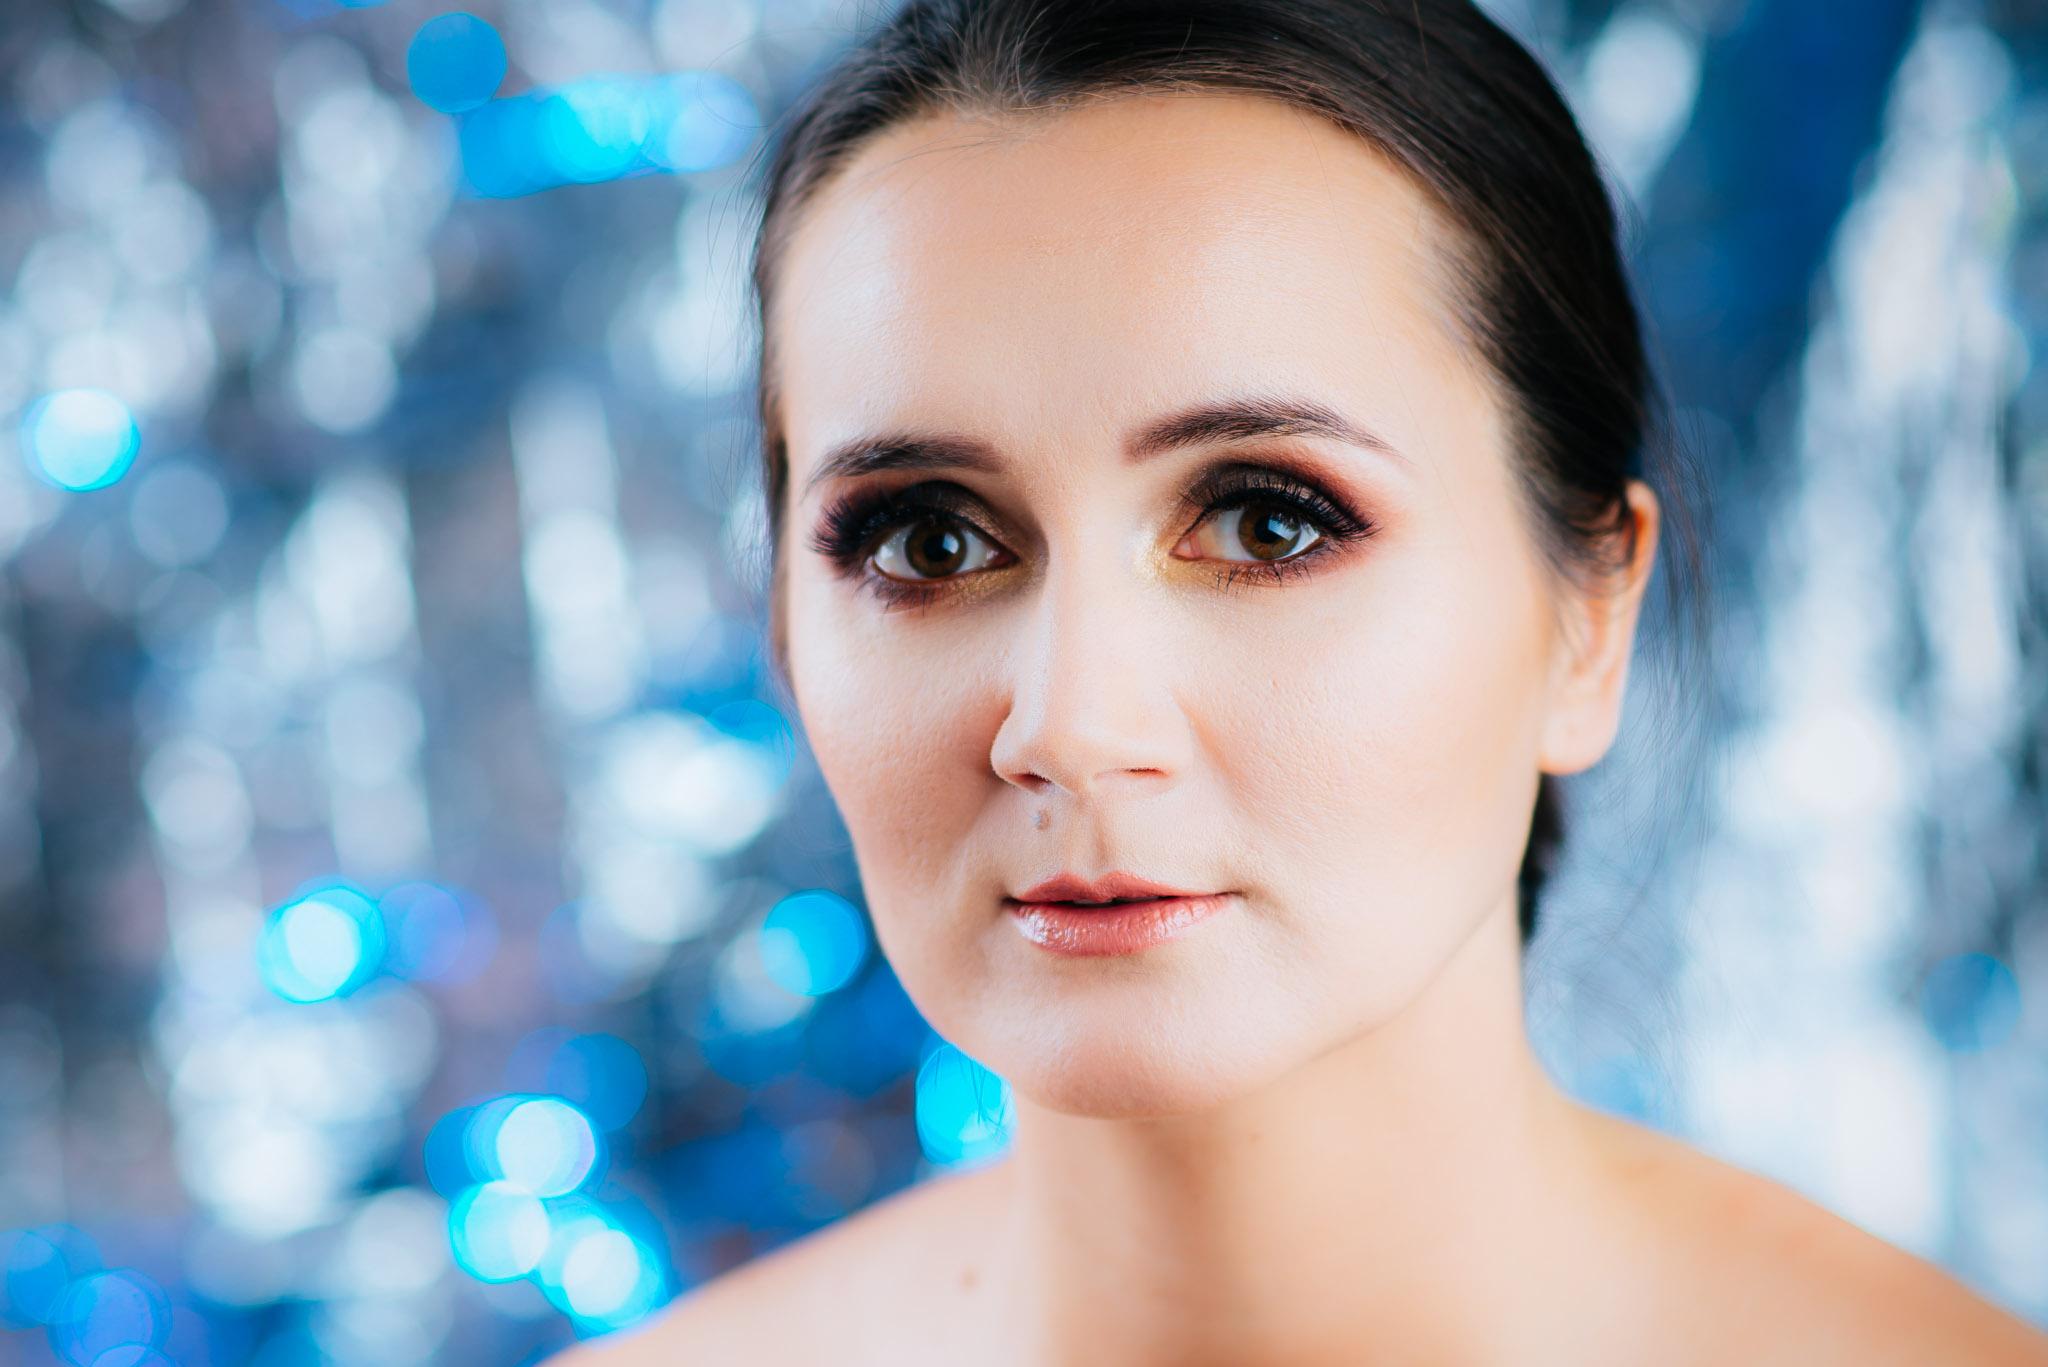 sesja beauty zrealizowana z dojazdem w mobilnym studiu w Nowym Mieście Lubawskim (warmińsko-mazurskie) mod. Magda Nitychoruk, mua Iwona Gorzka, fot. Rafał Nitychoruk